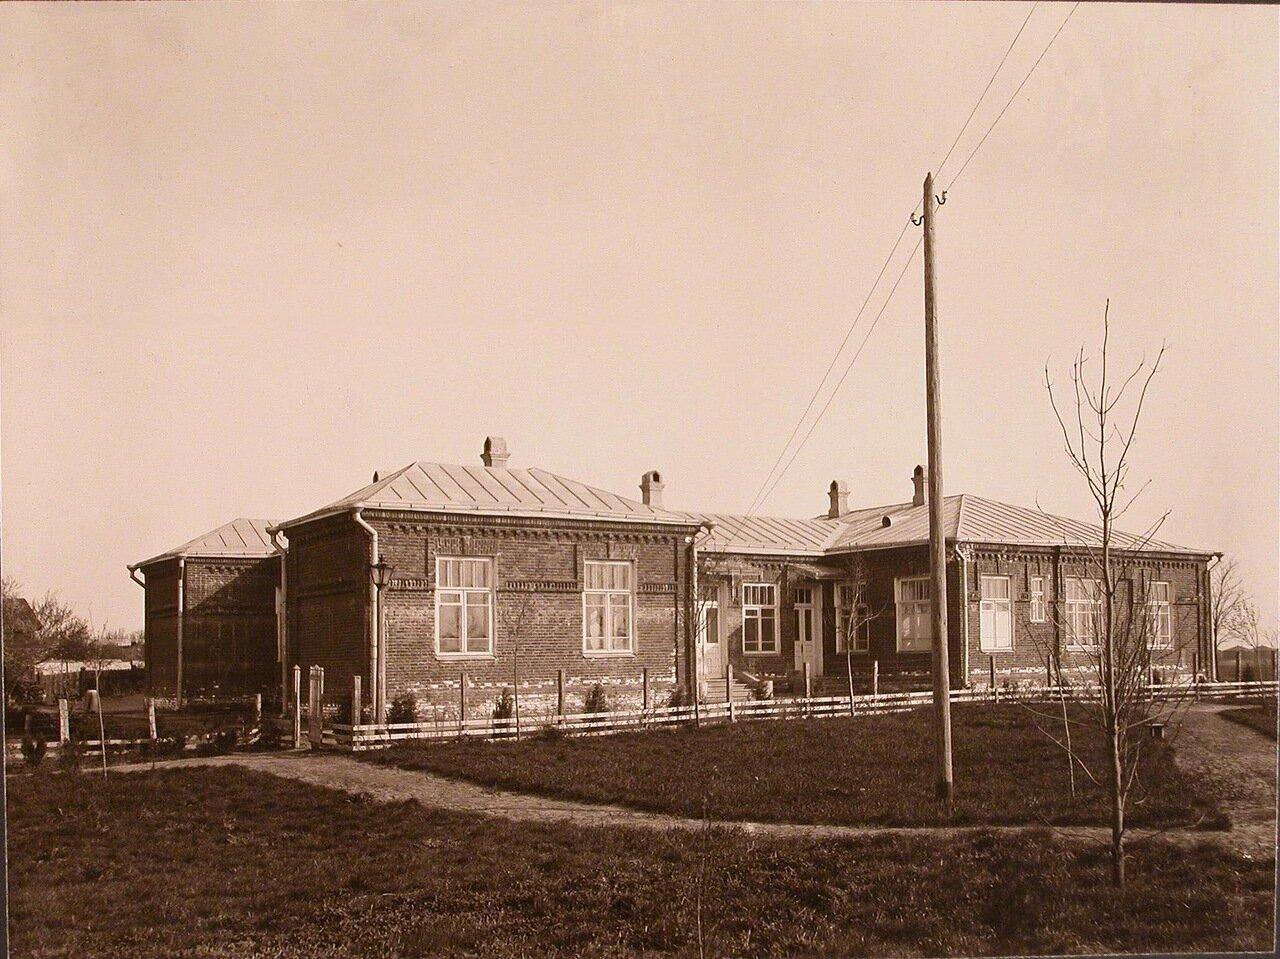 04. Вид одного из зданий института, где расположены вспомогательные службы